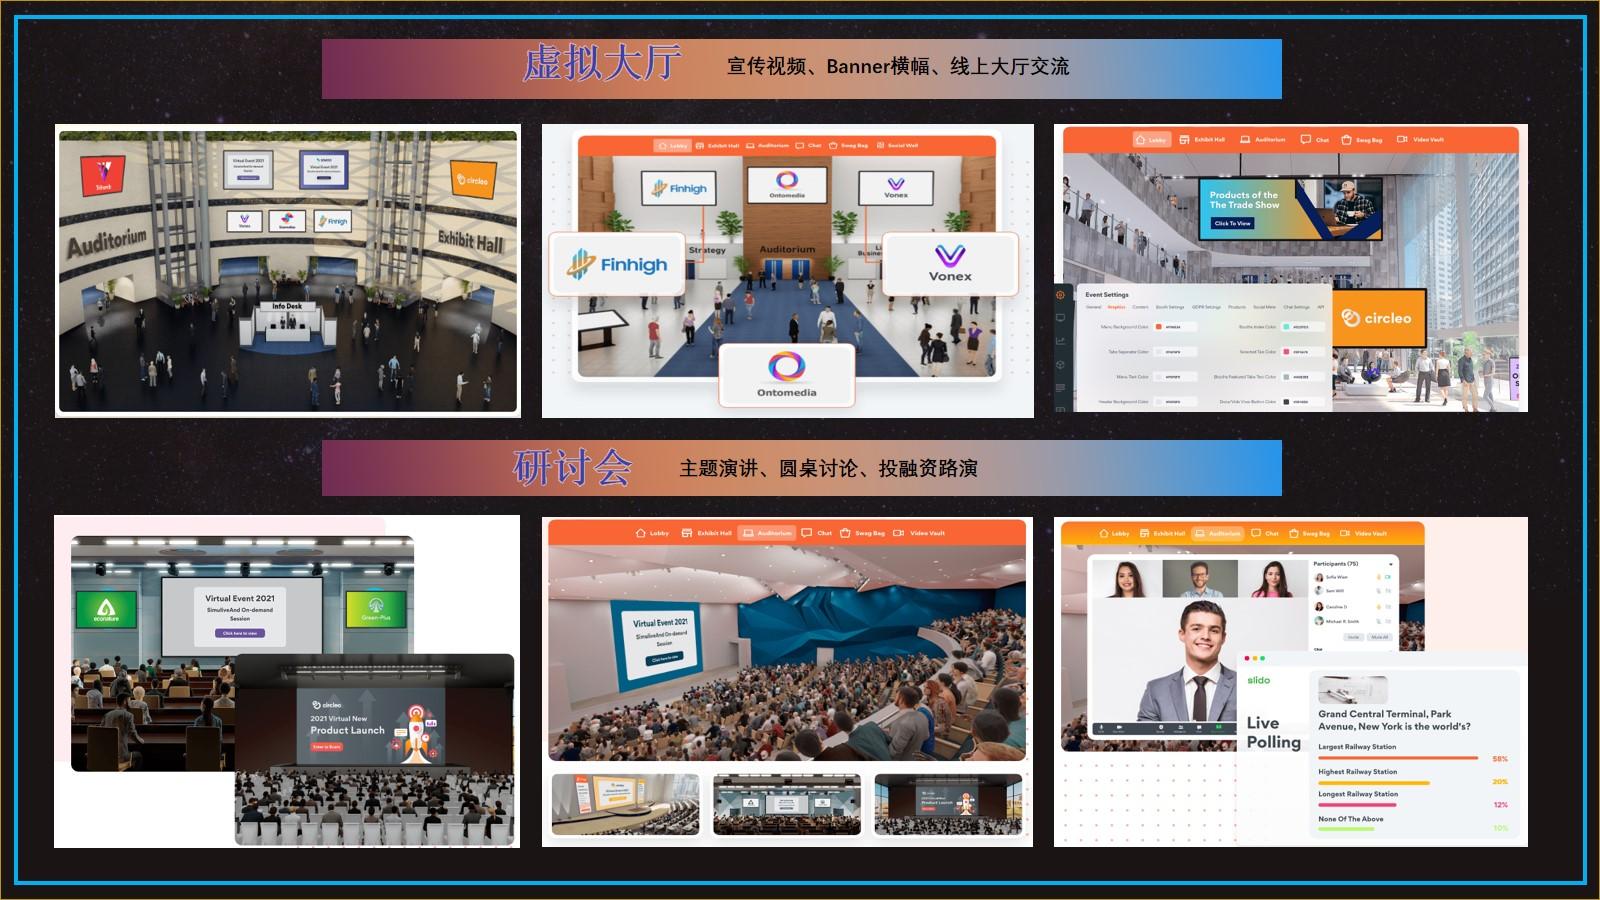 亚太NFT&DeFi国际峰会暨全球融资路演